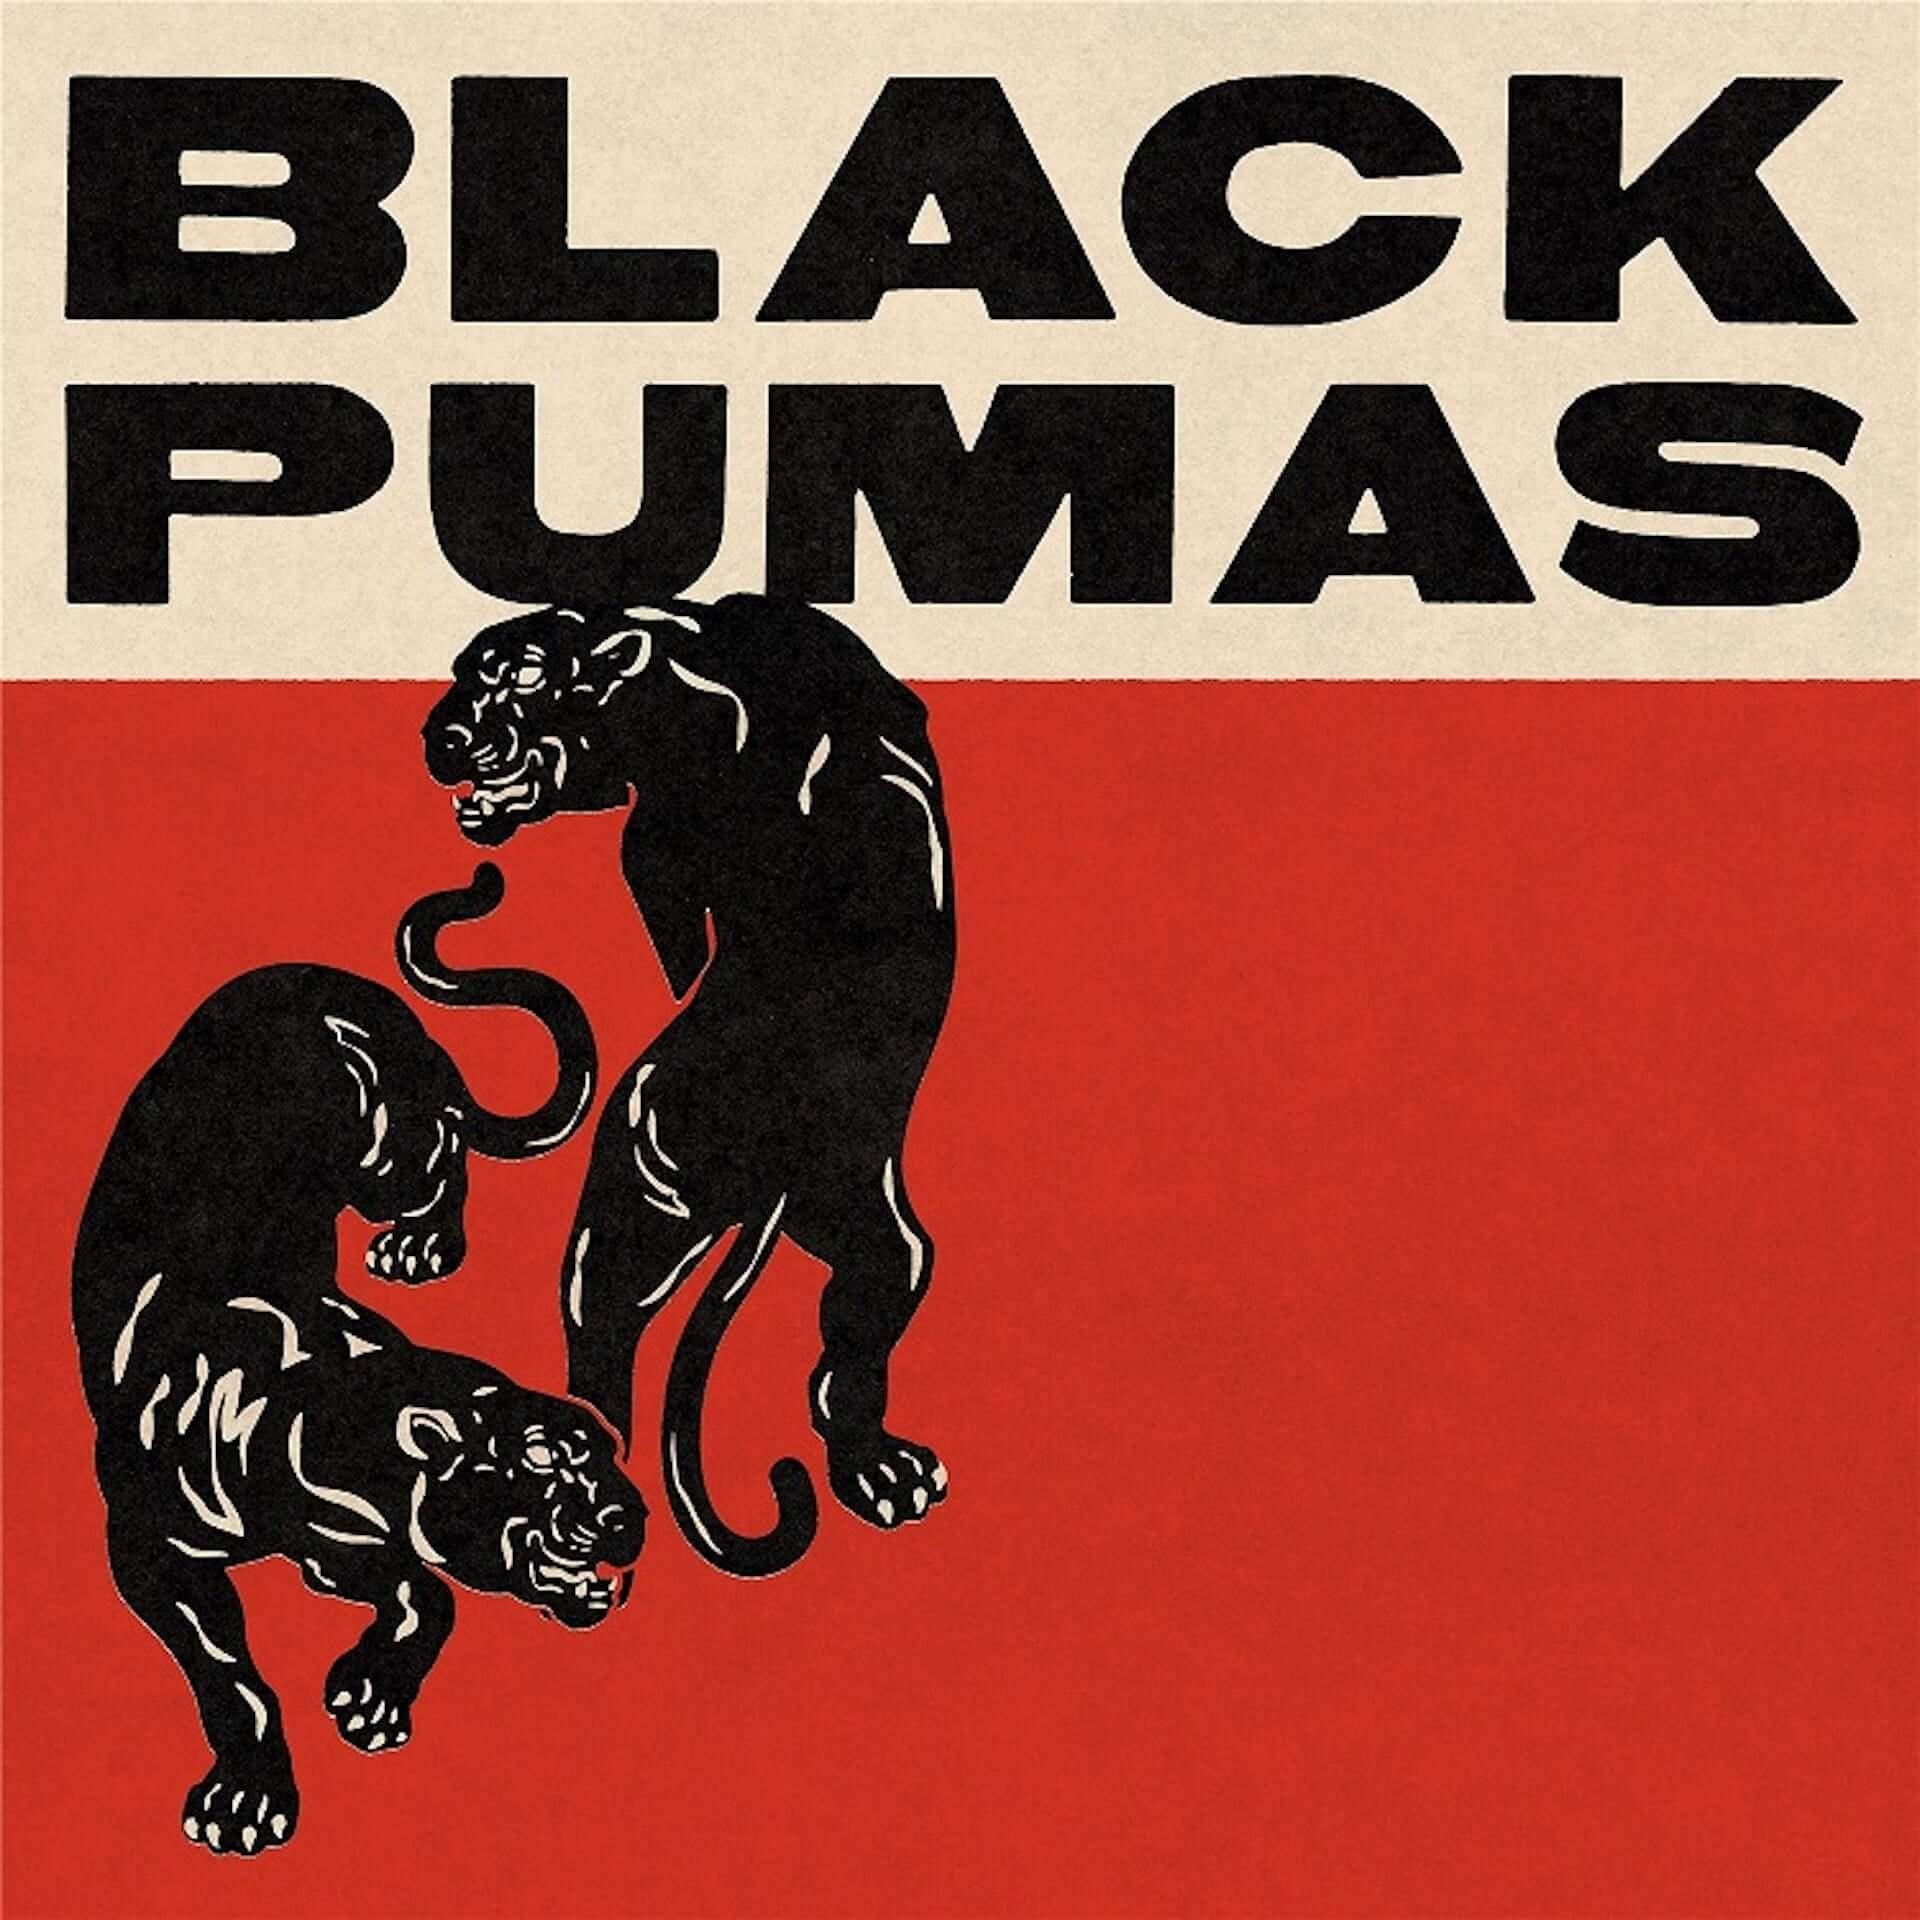 """Black Pumasがデビューアルバムのデラックス版にも収録した""""I'm Ready""""のライブセッション映像を公開! music200902_blackpumas_3-1920x1920"""